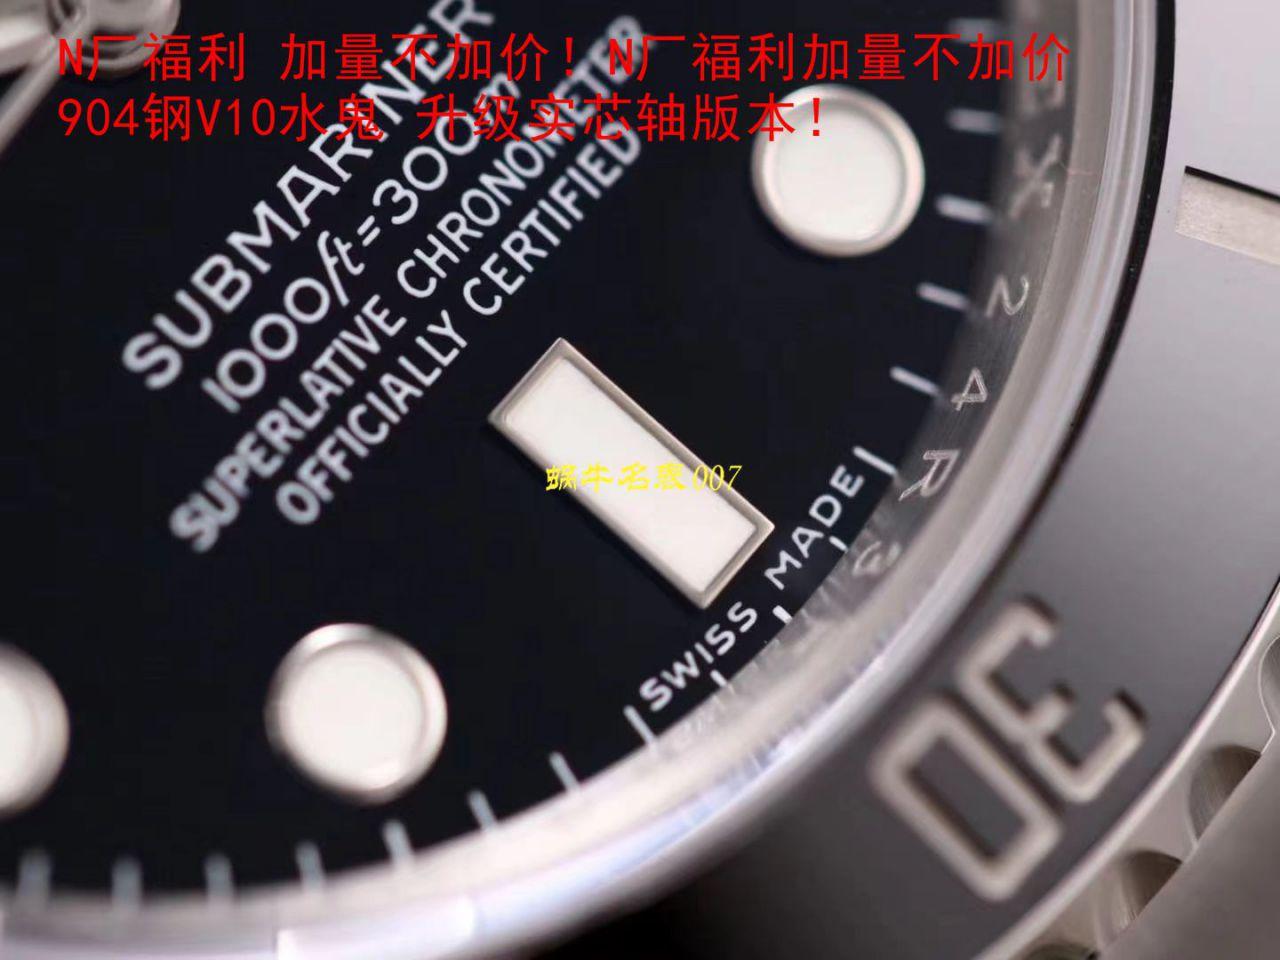 【视频评测N厂绿水鬼黑水鬼V10升级版本手表】劳力士潜航者型系列116610LV-97200,116610LN-97200黑绿水鬼腕表 / R390